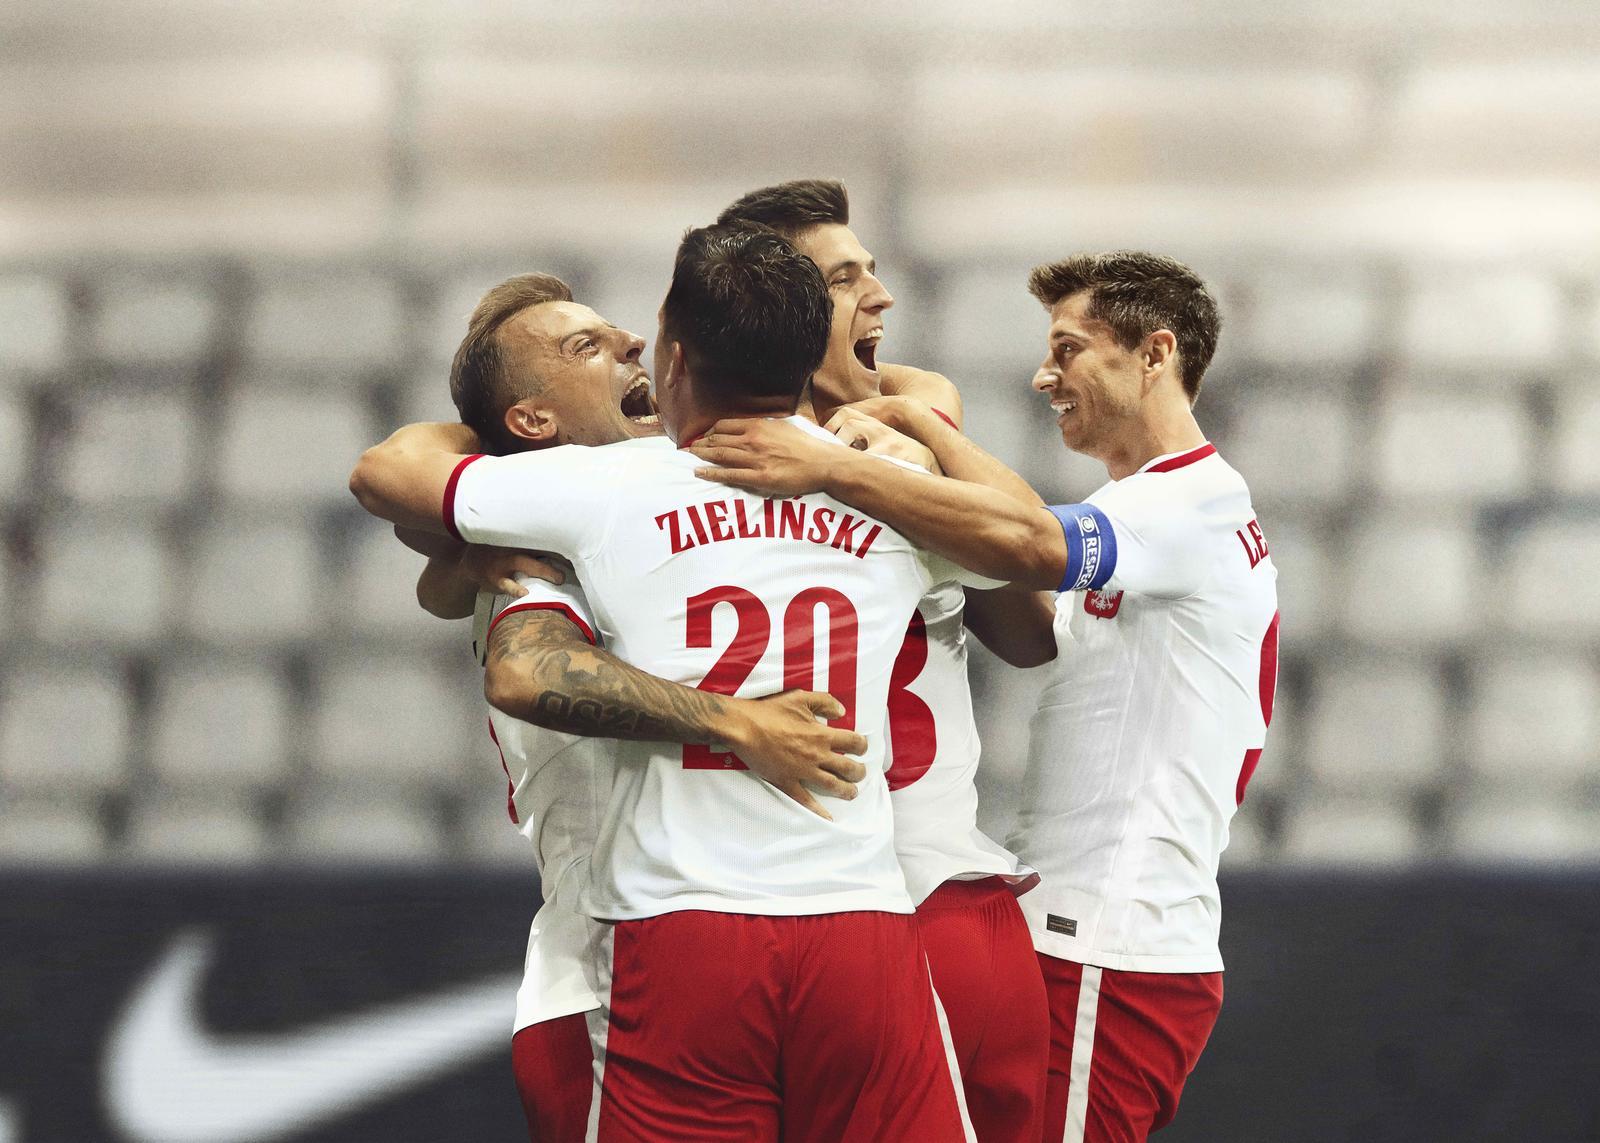 欧国联9-8 02:45 波黑vs波兰,波兰反弹止颓